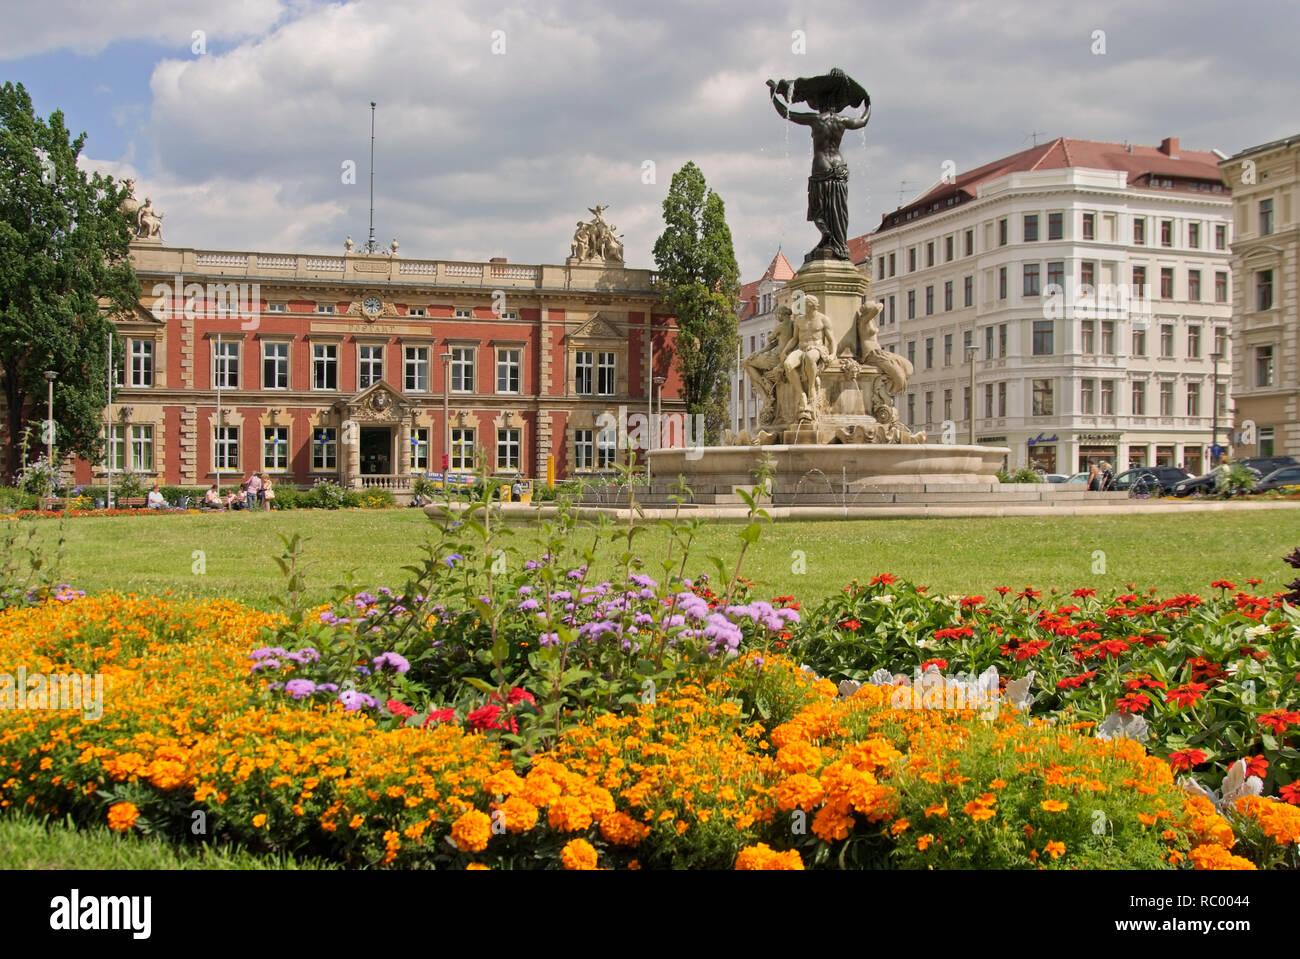 Postplatz mit Postamt, Kaiserliches Post- und Telegraphenamt, und dem Brunnen Muschelminna, Görlitz, Sachsen, Deutschland, Europa   Postplatz, Post pl Stockbild